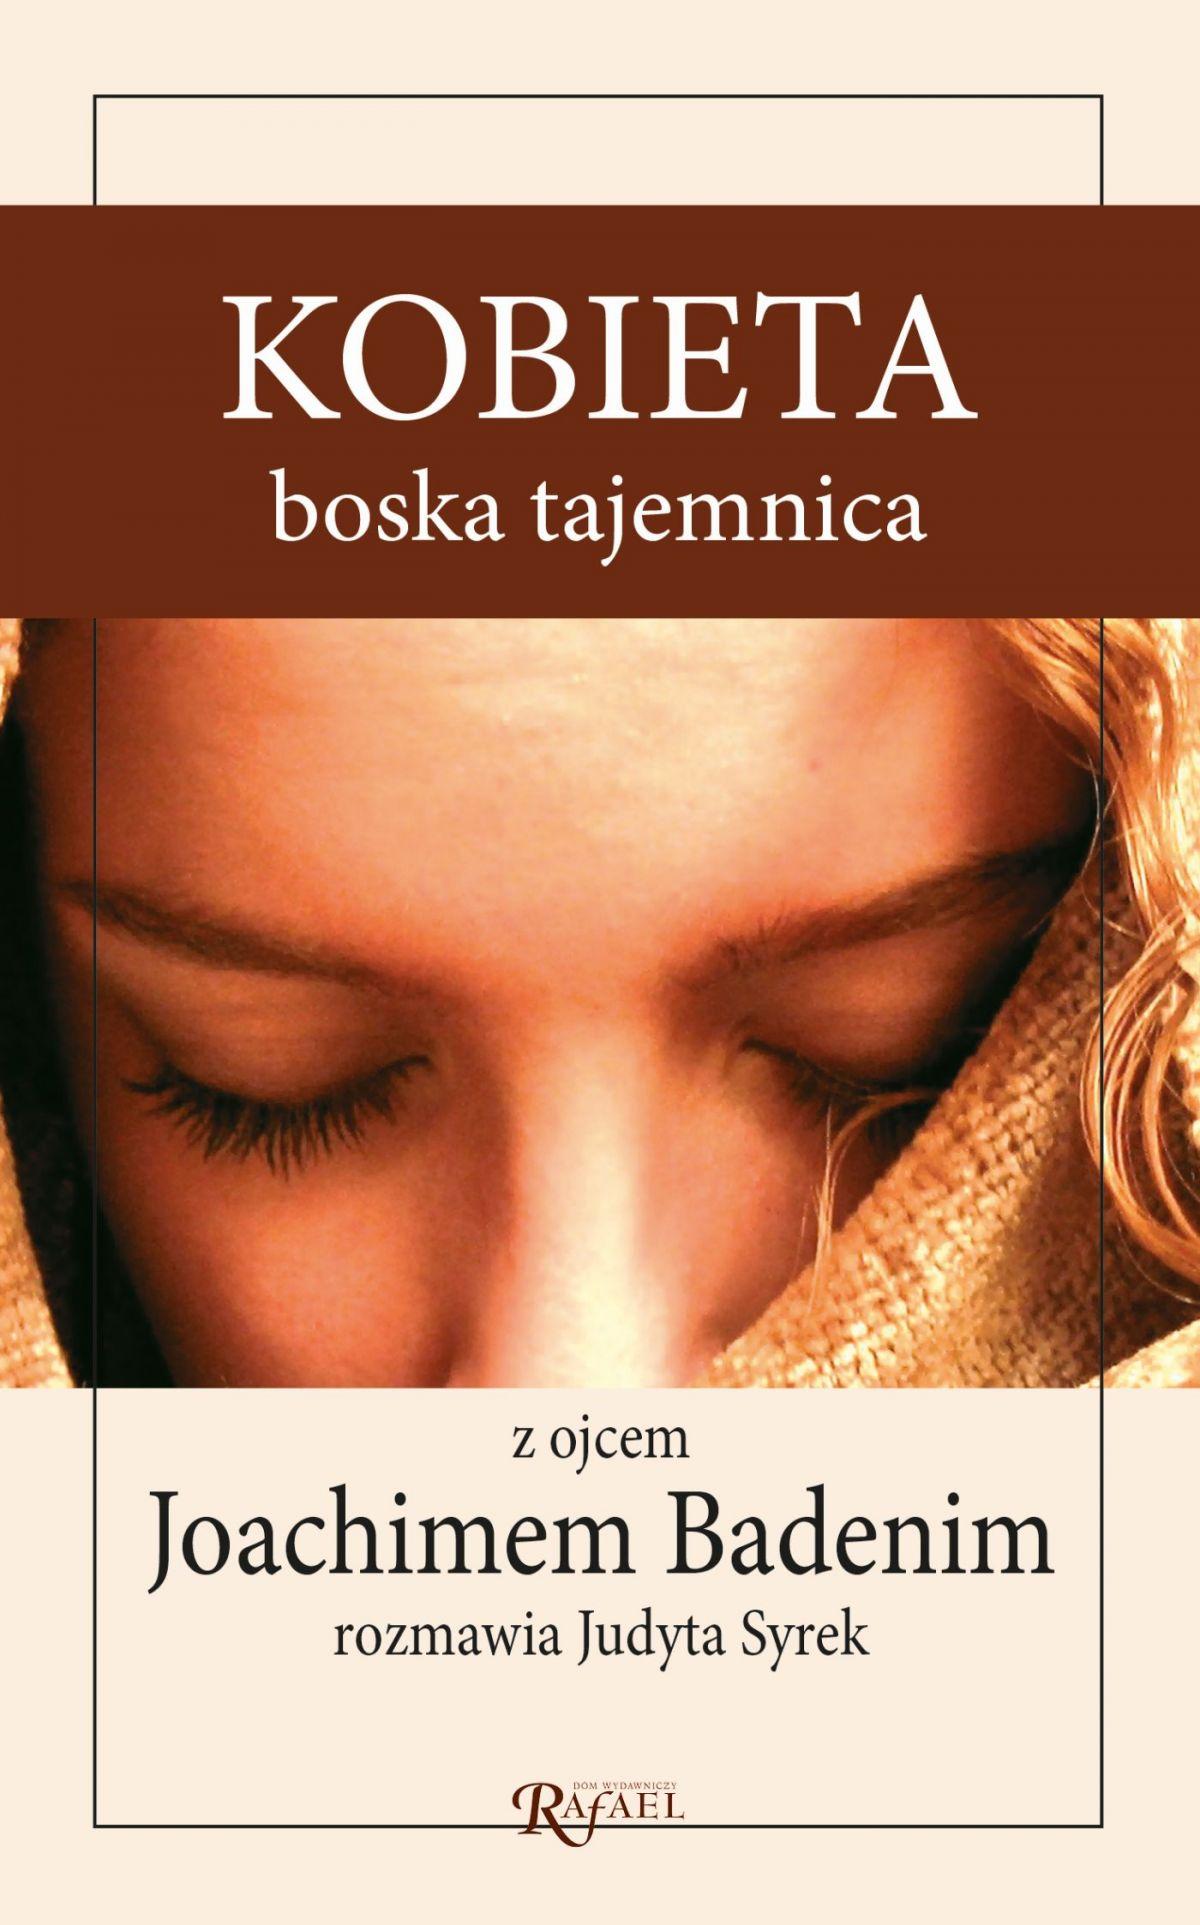 Kobieta, boska tajemnica. Z ojcem Joachimem Badenim rozmawia Judyta Syrek - Ebook (Książka na Kindle) do pobrania w formacie MOBI